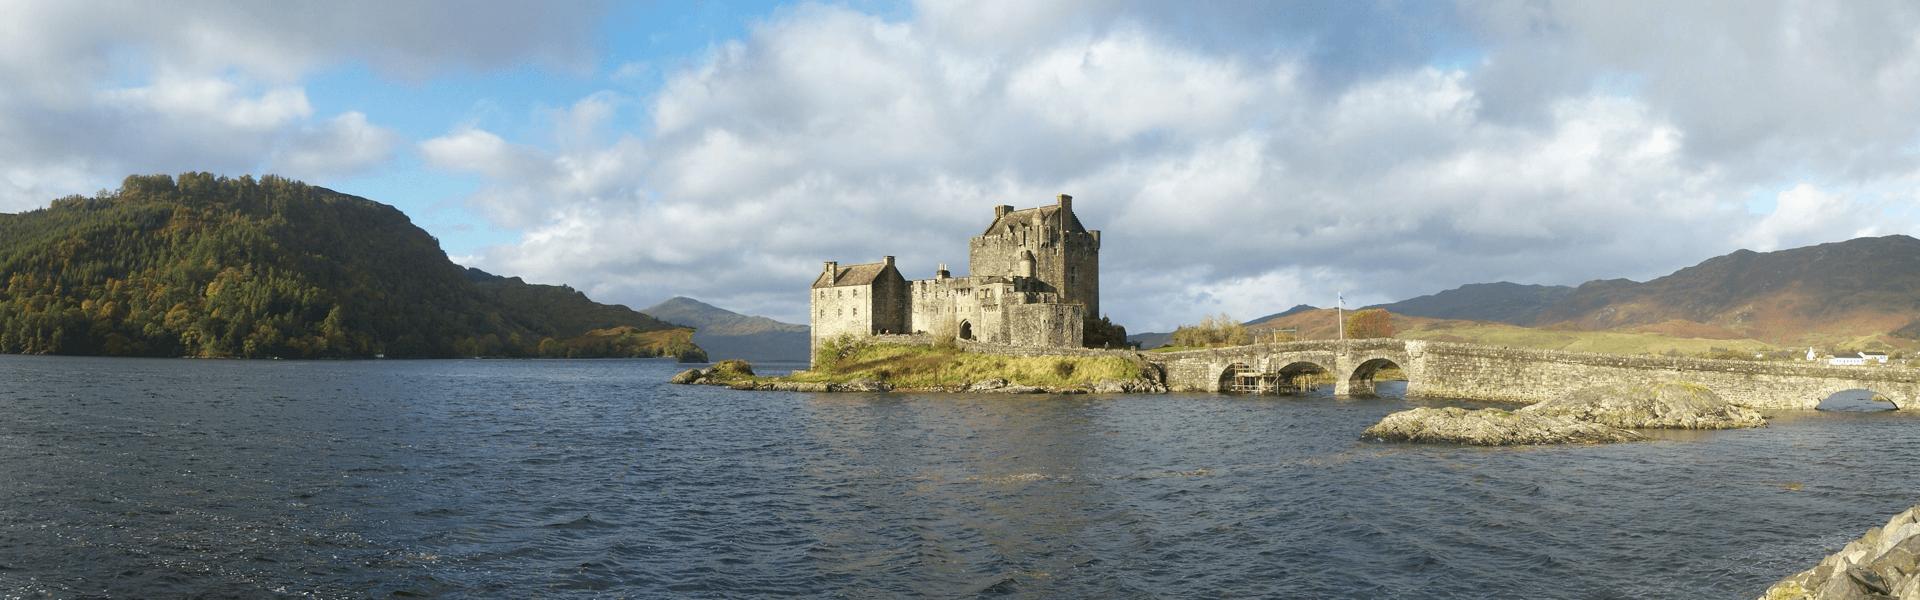 Engeland | Autorondreis Noord Engeland en Schotland